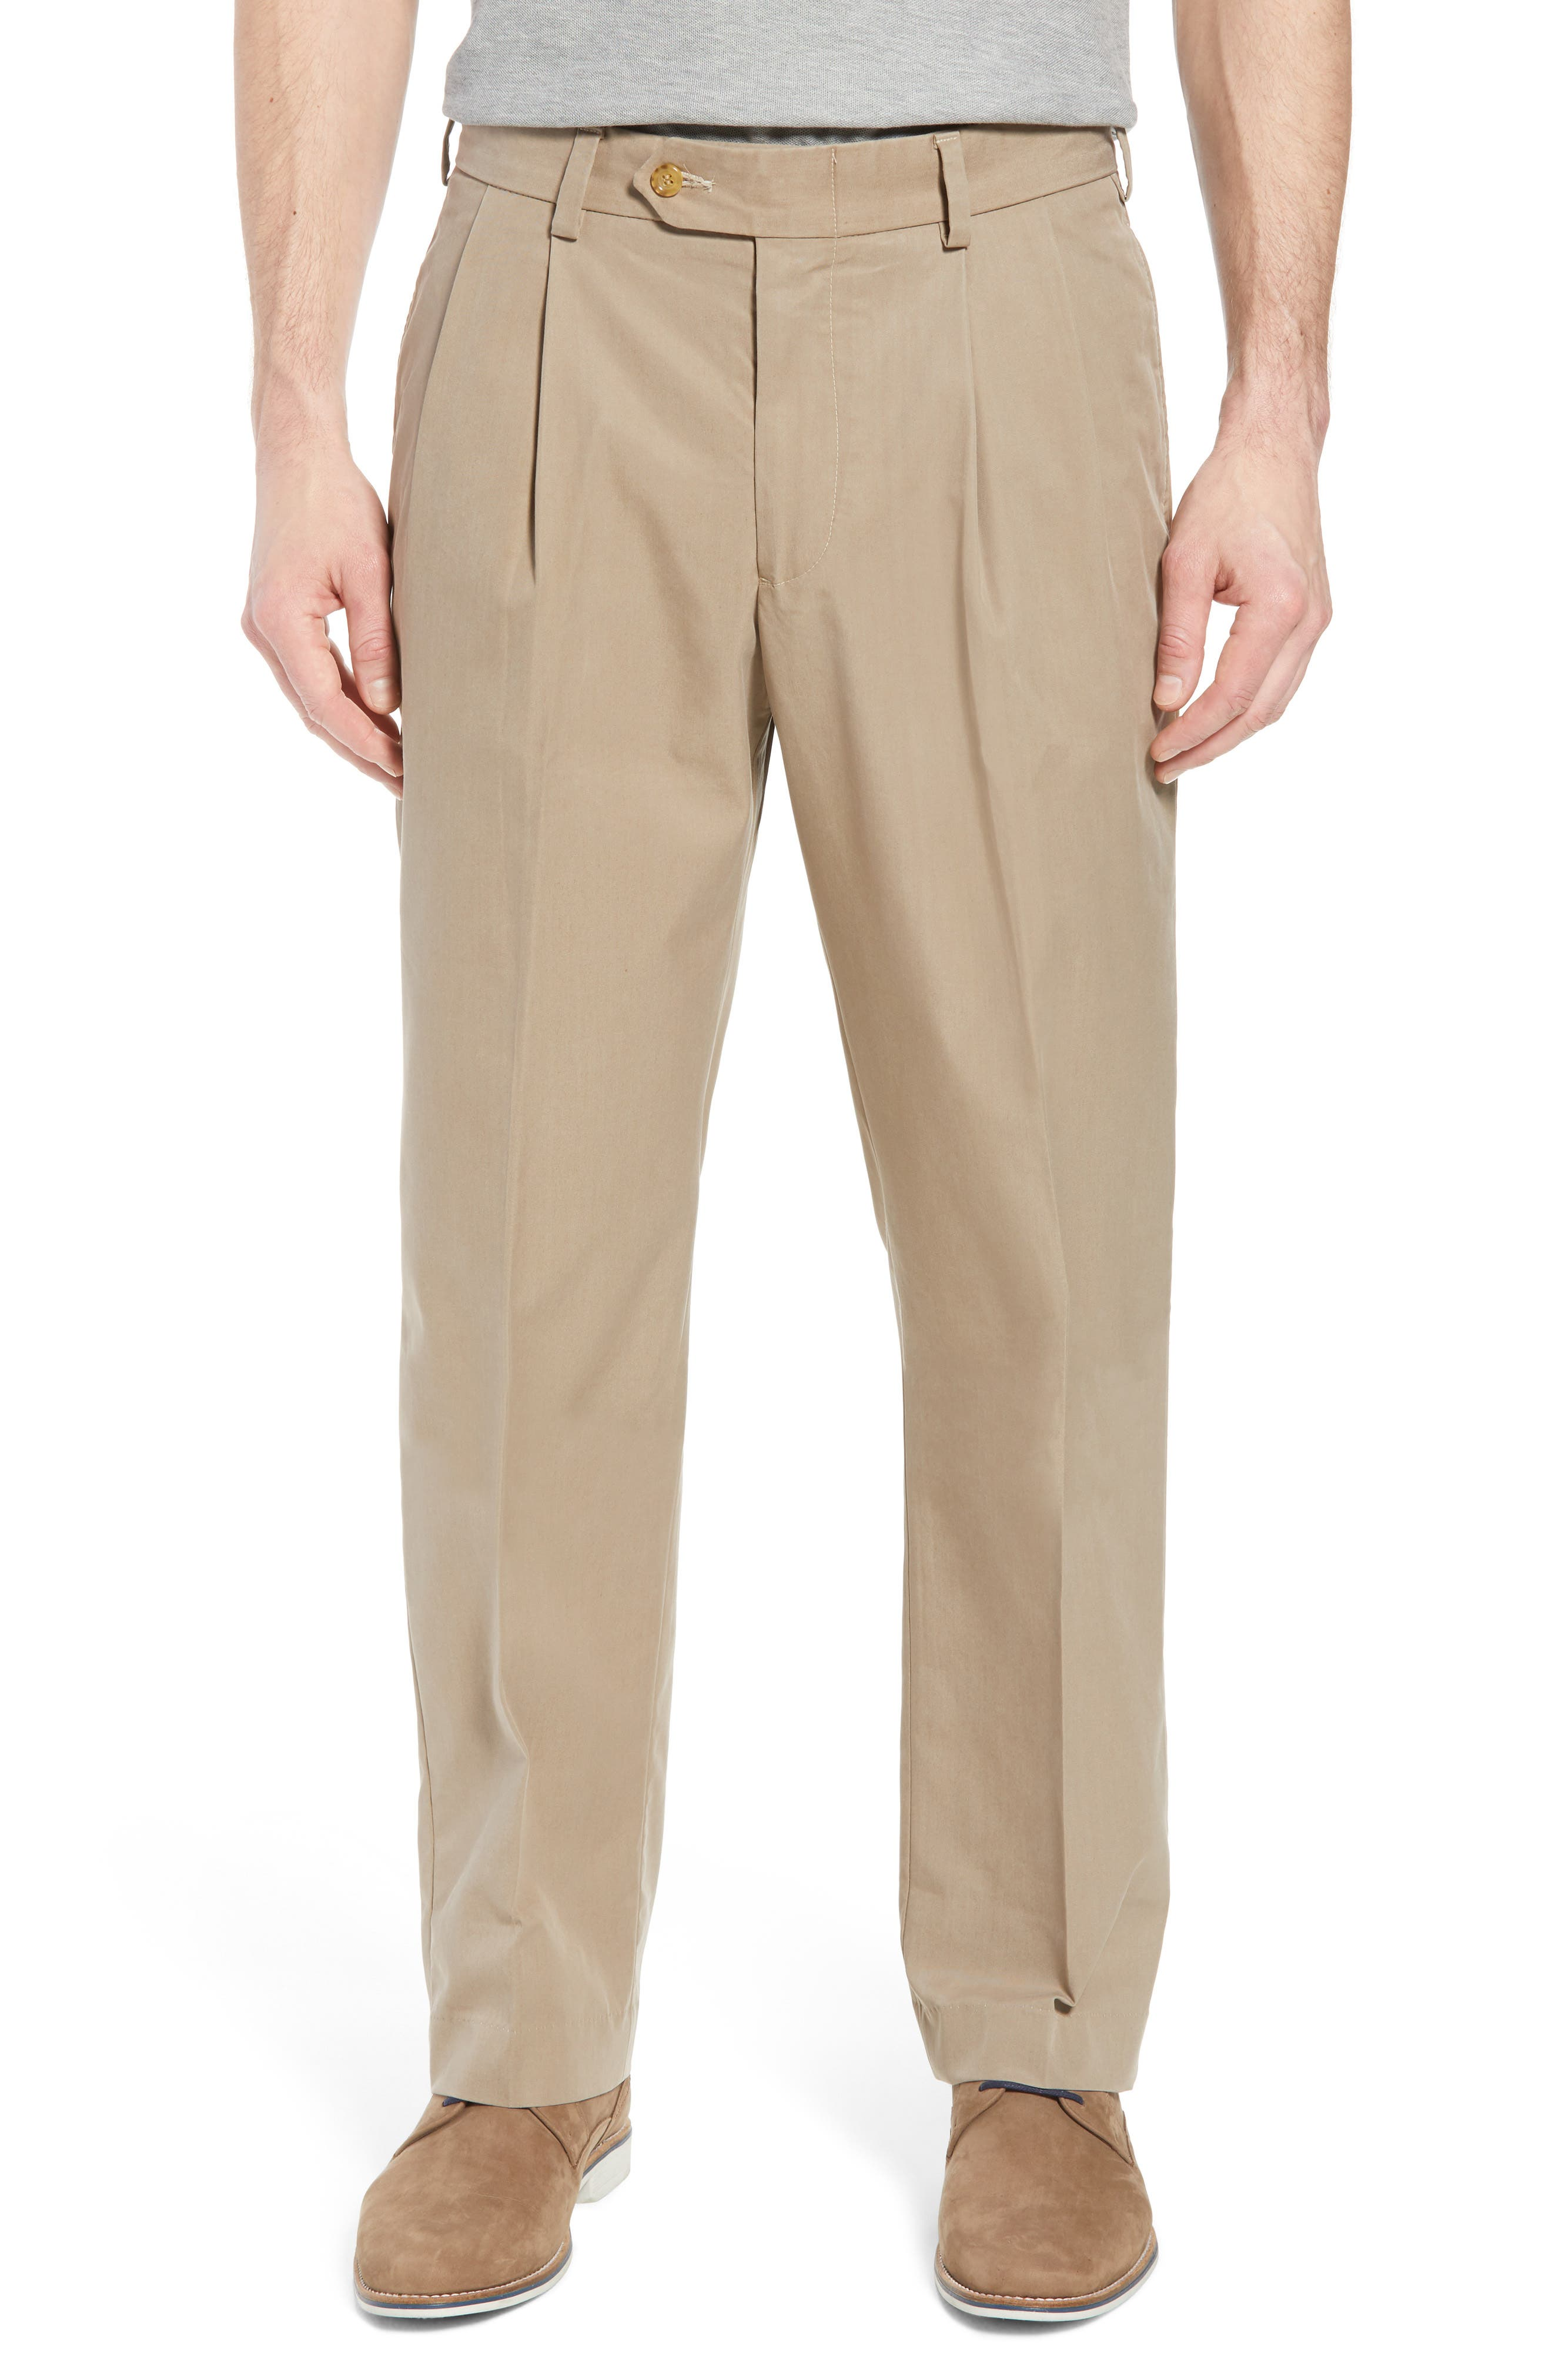 Bills Khakis Classic Fit Pleated Travel Twill Pants, Beige